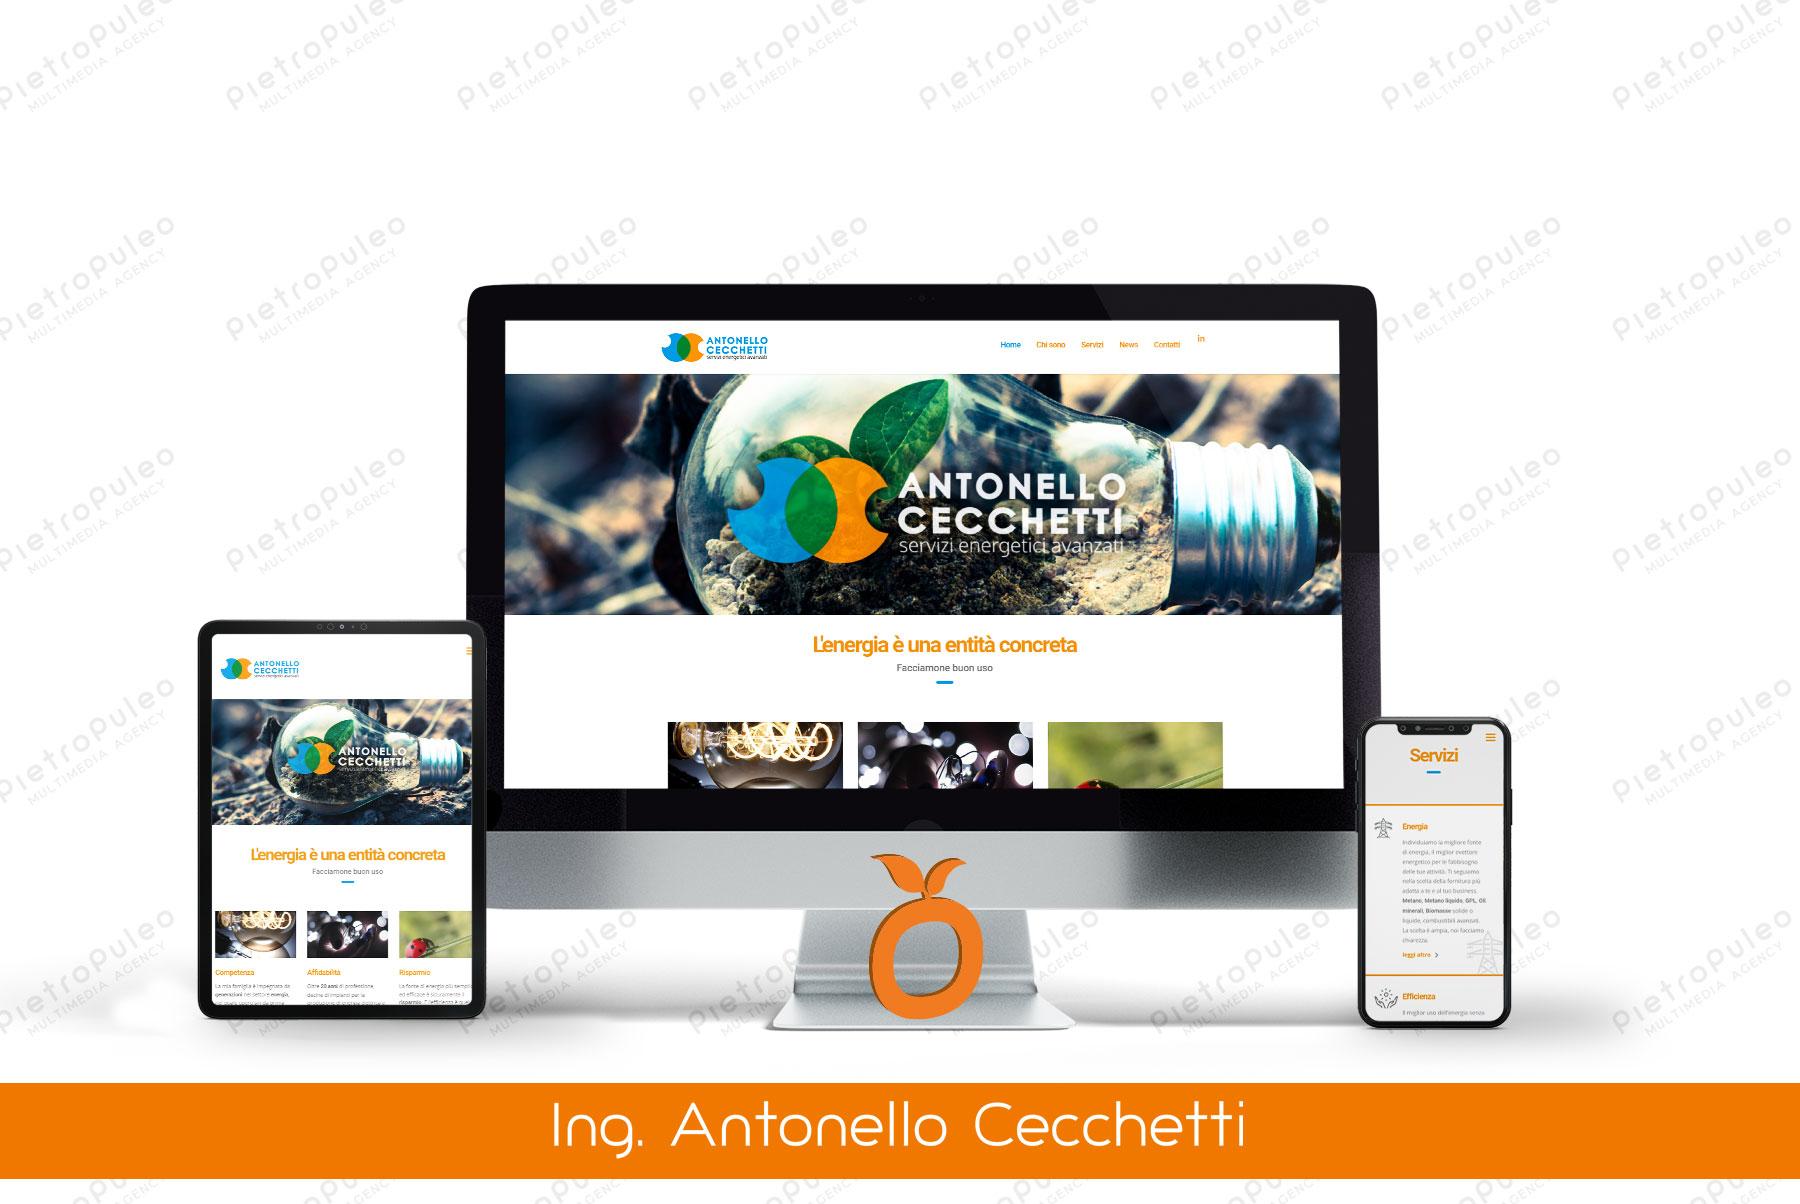 Sito web Antonello Cecchetti